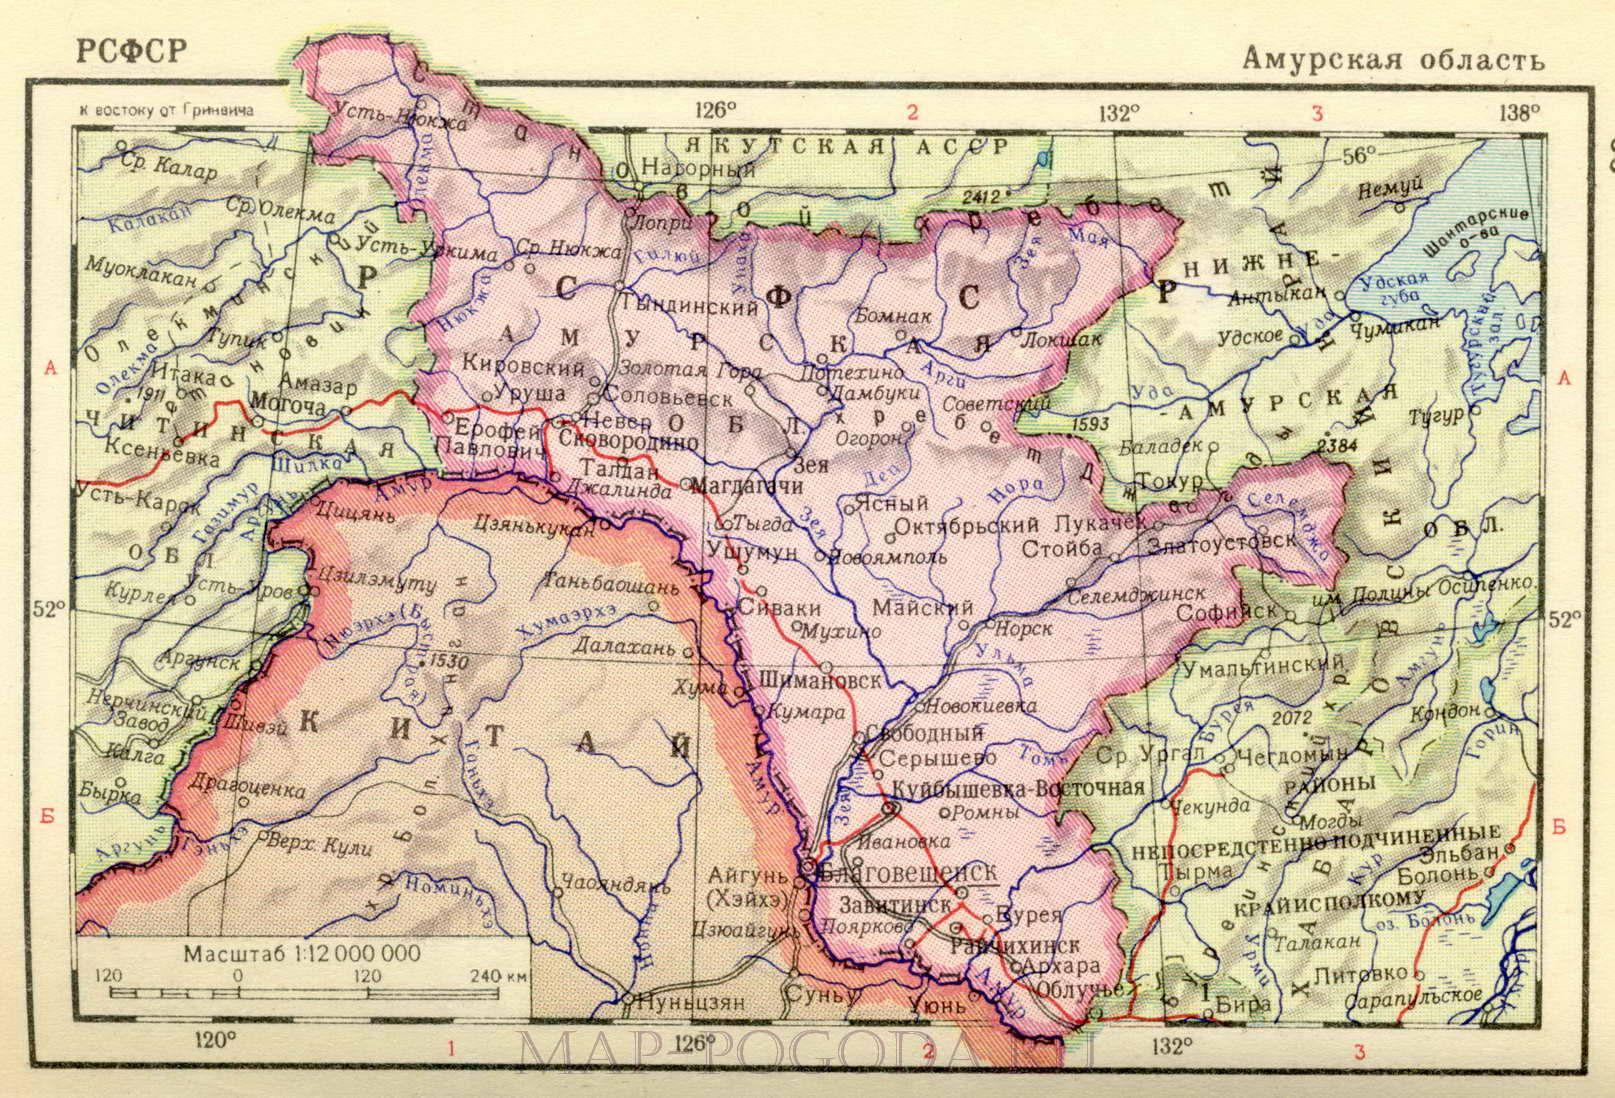 Амурская область на карте рсфср a0